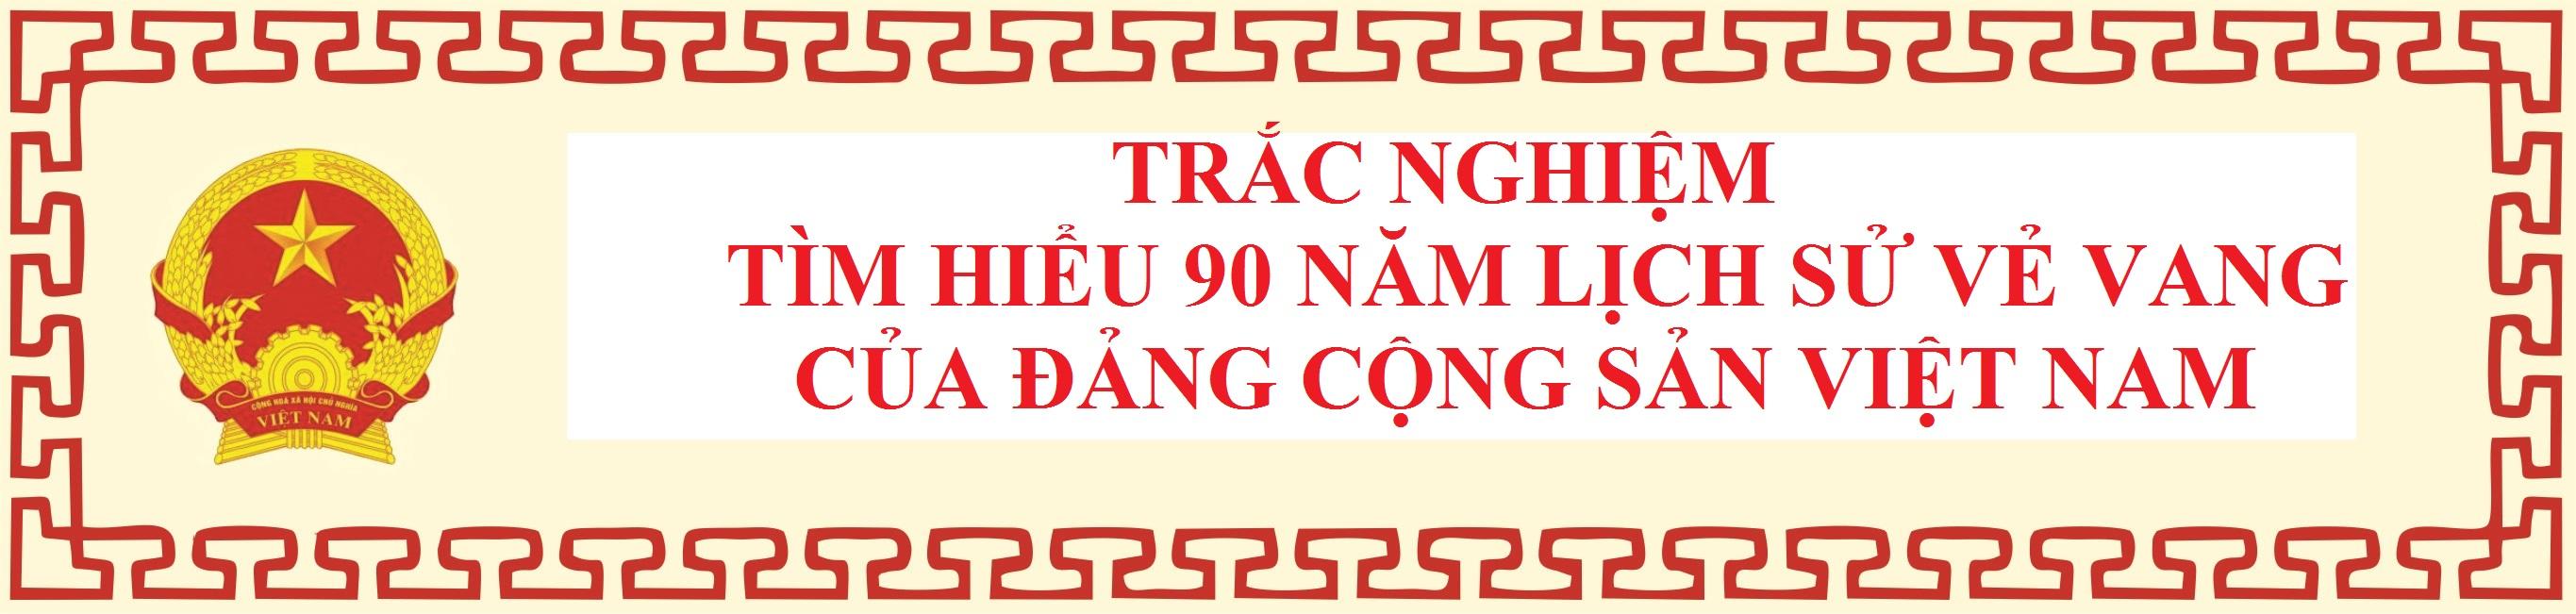 TRẮC NGHIỆM 90 NĂM